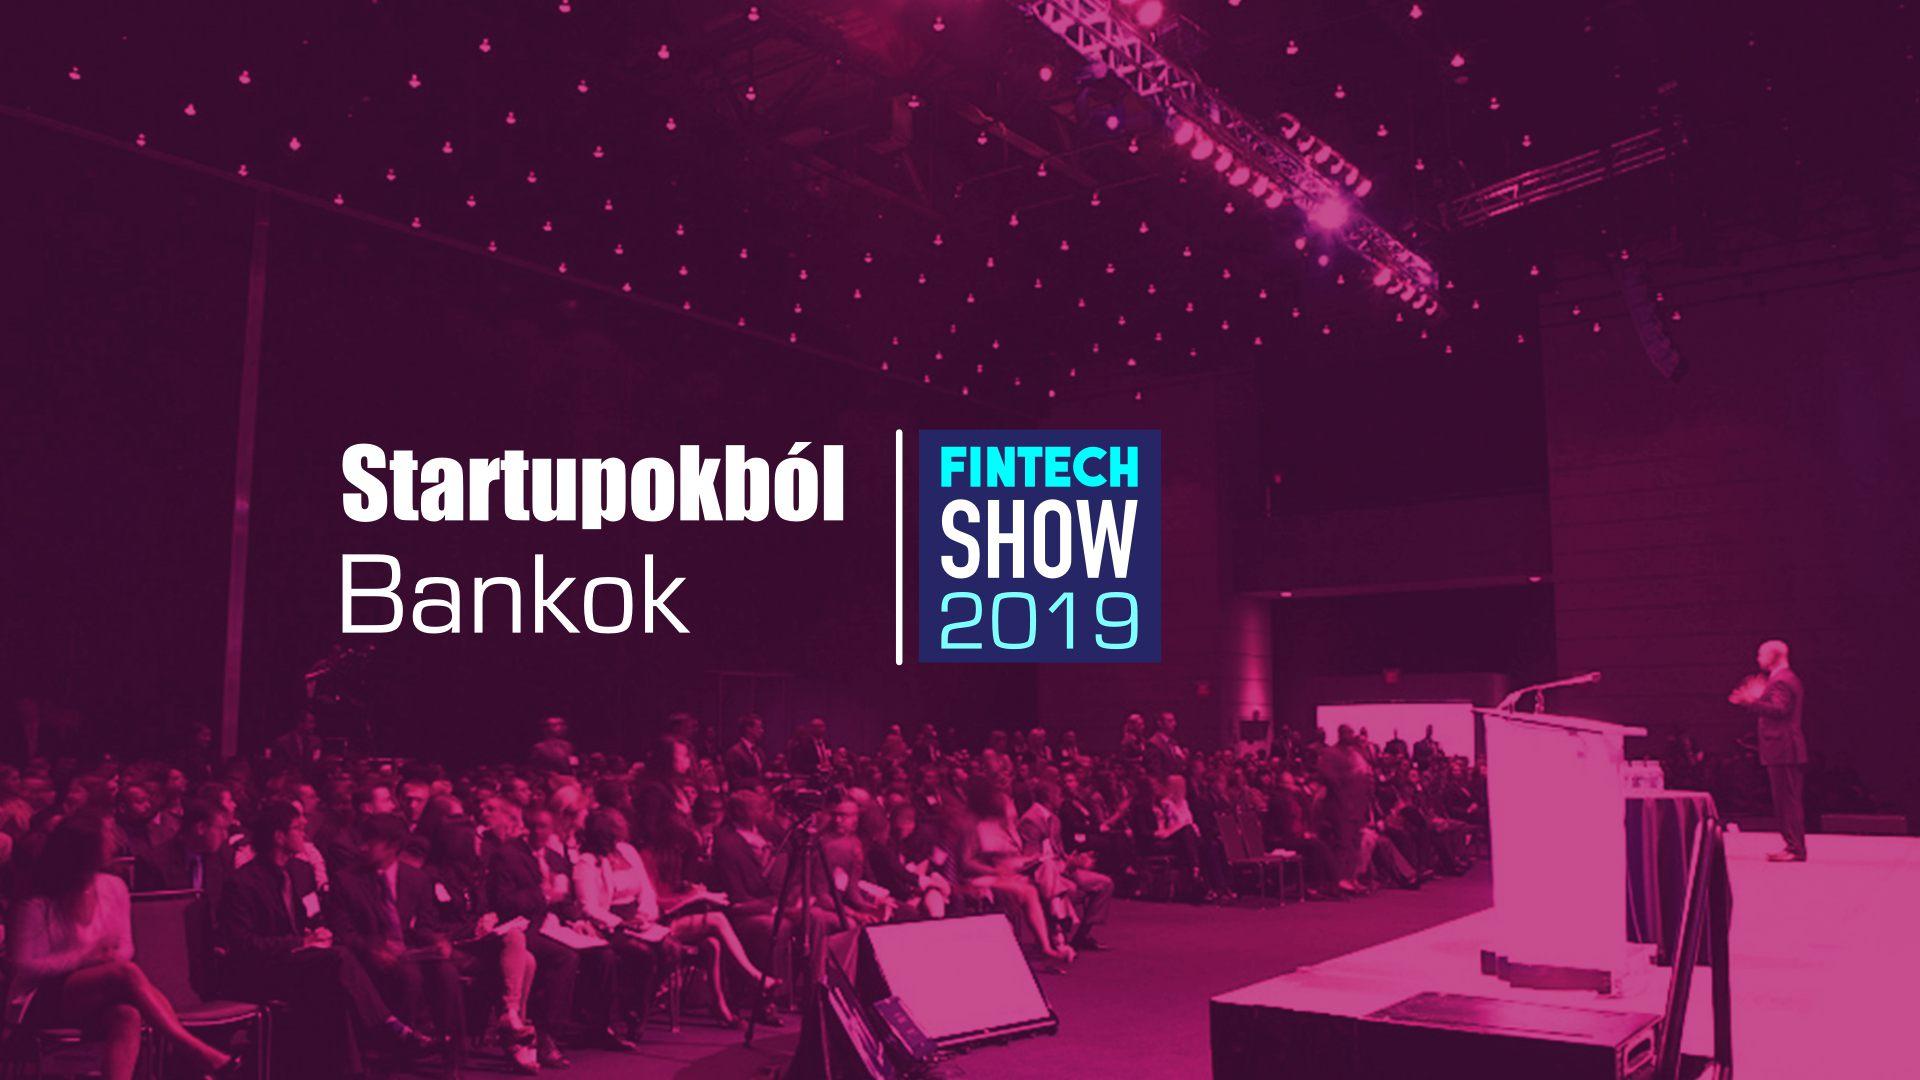 Fintechshow-startupokbol-bankok